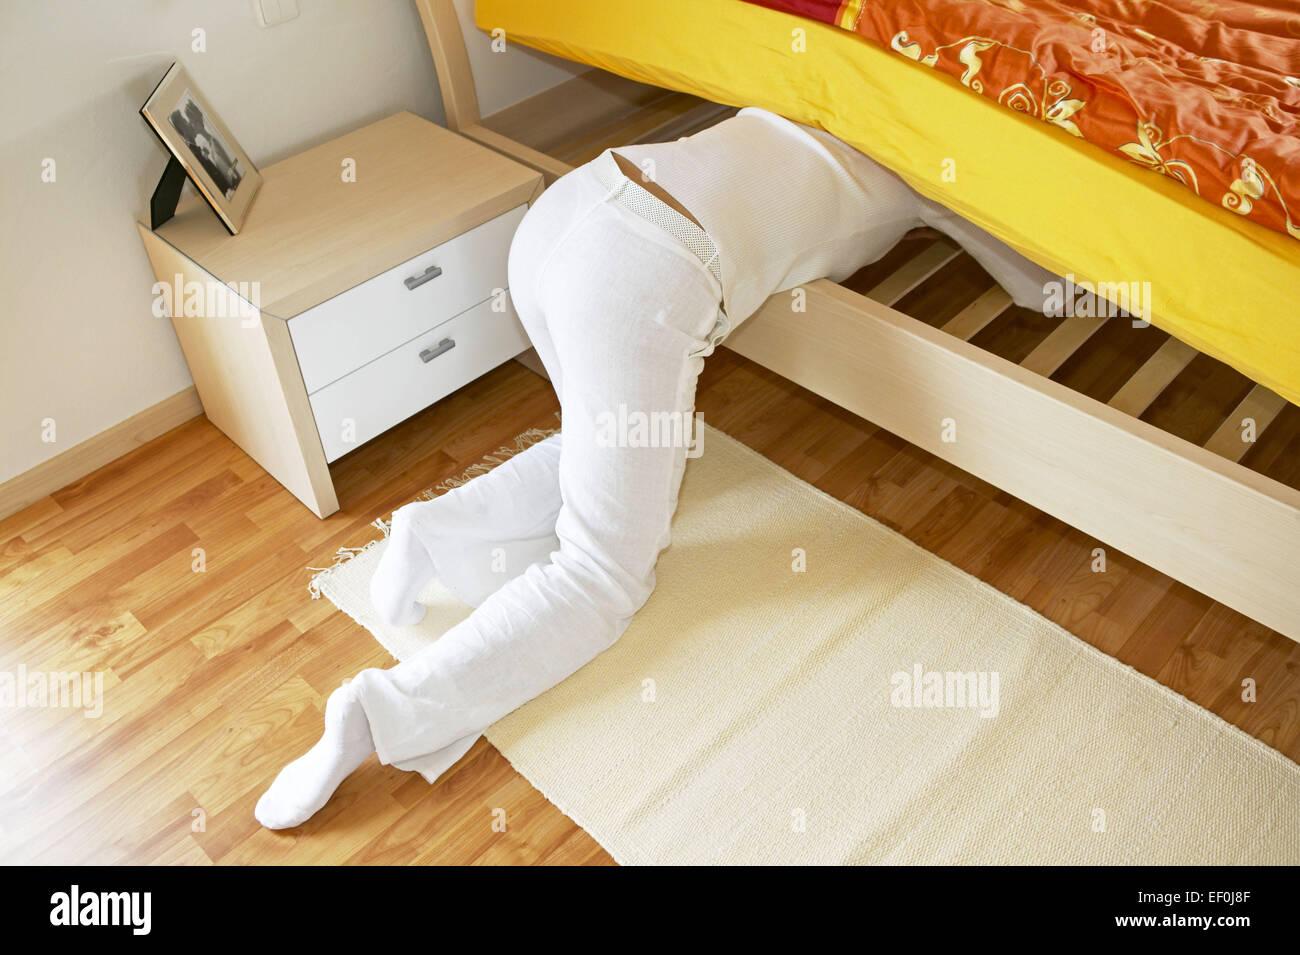 Welcher Fußboden Schlafzimmer ~ Schlafzimmer fussboden frau boden knien bett abstuetzen suchen